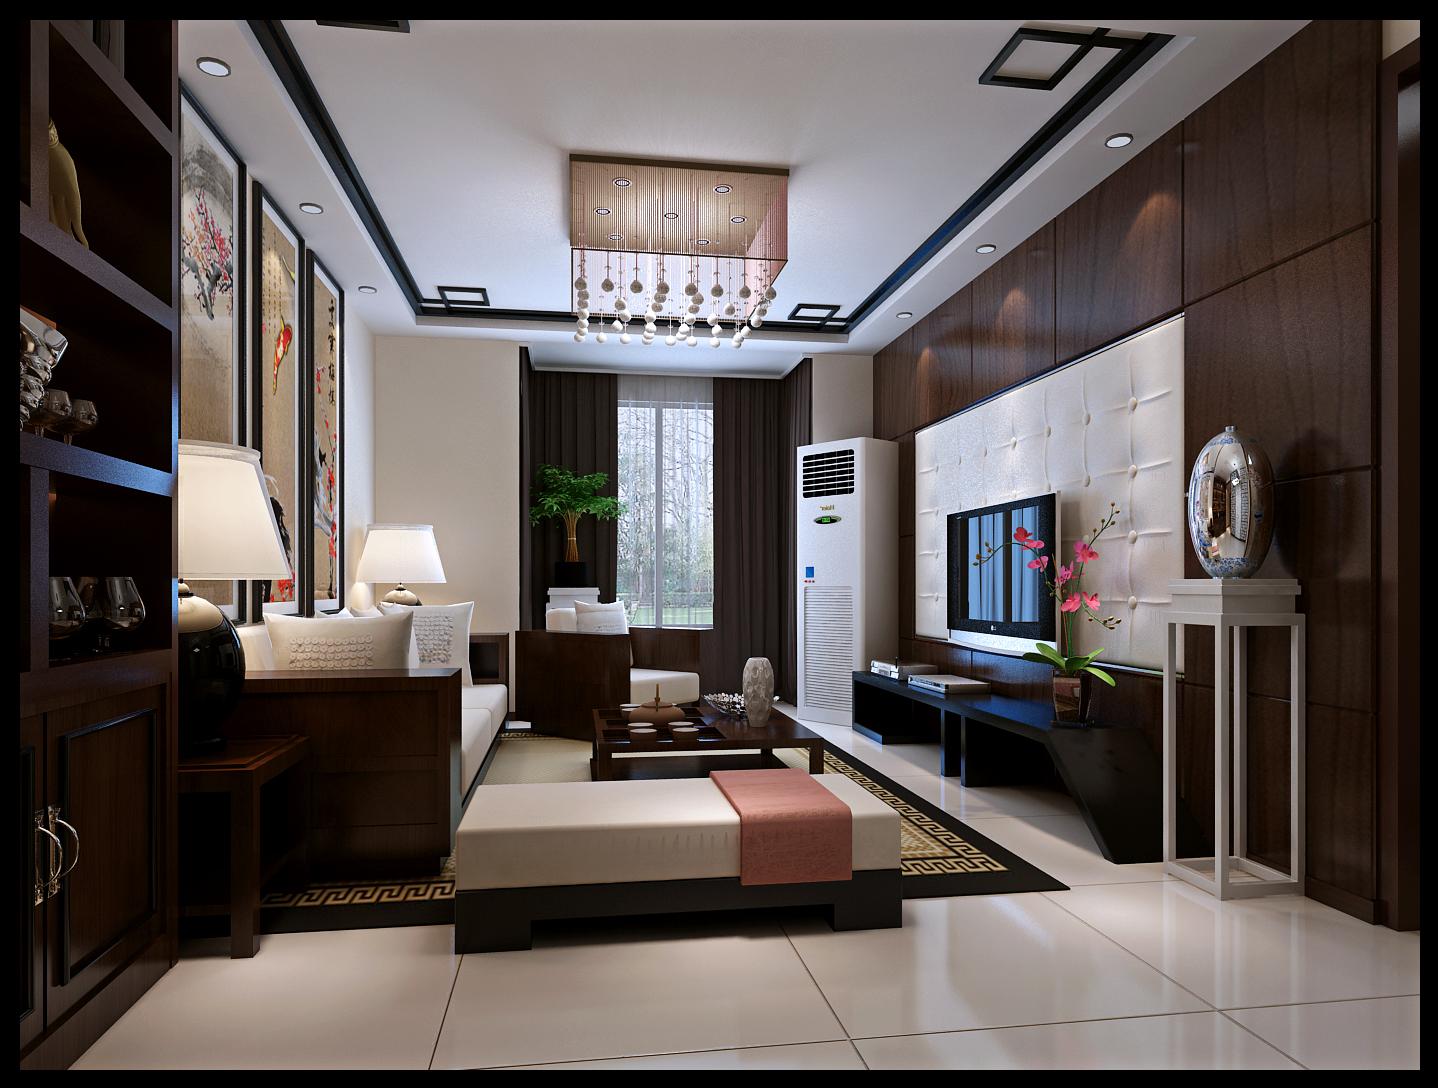 新中式风格 实创装饰 2居室装修 客厅图片来自北京实创装饰在筑华年小区86平2居室新中式风格的分享